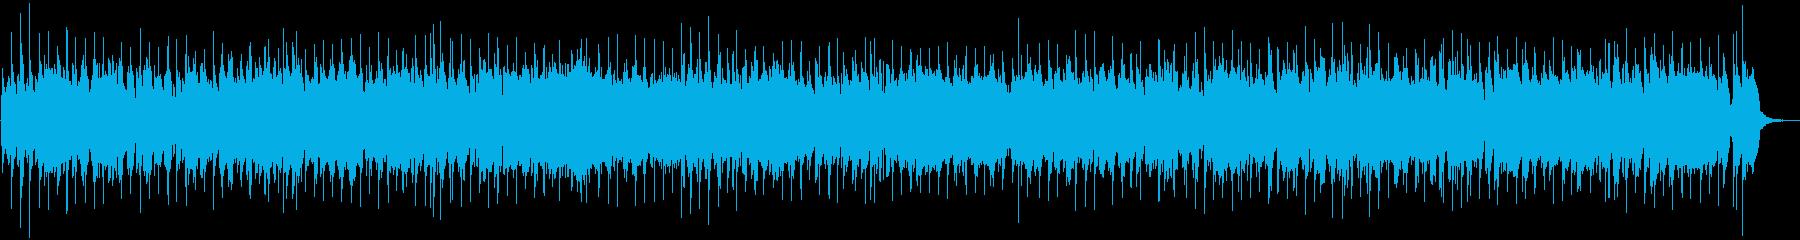 ブルース/サザンロック/活気のある...の再生済みの波形